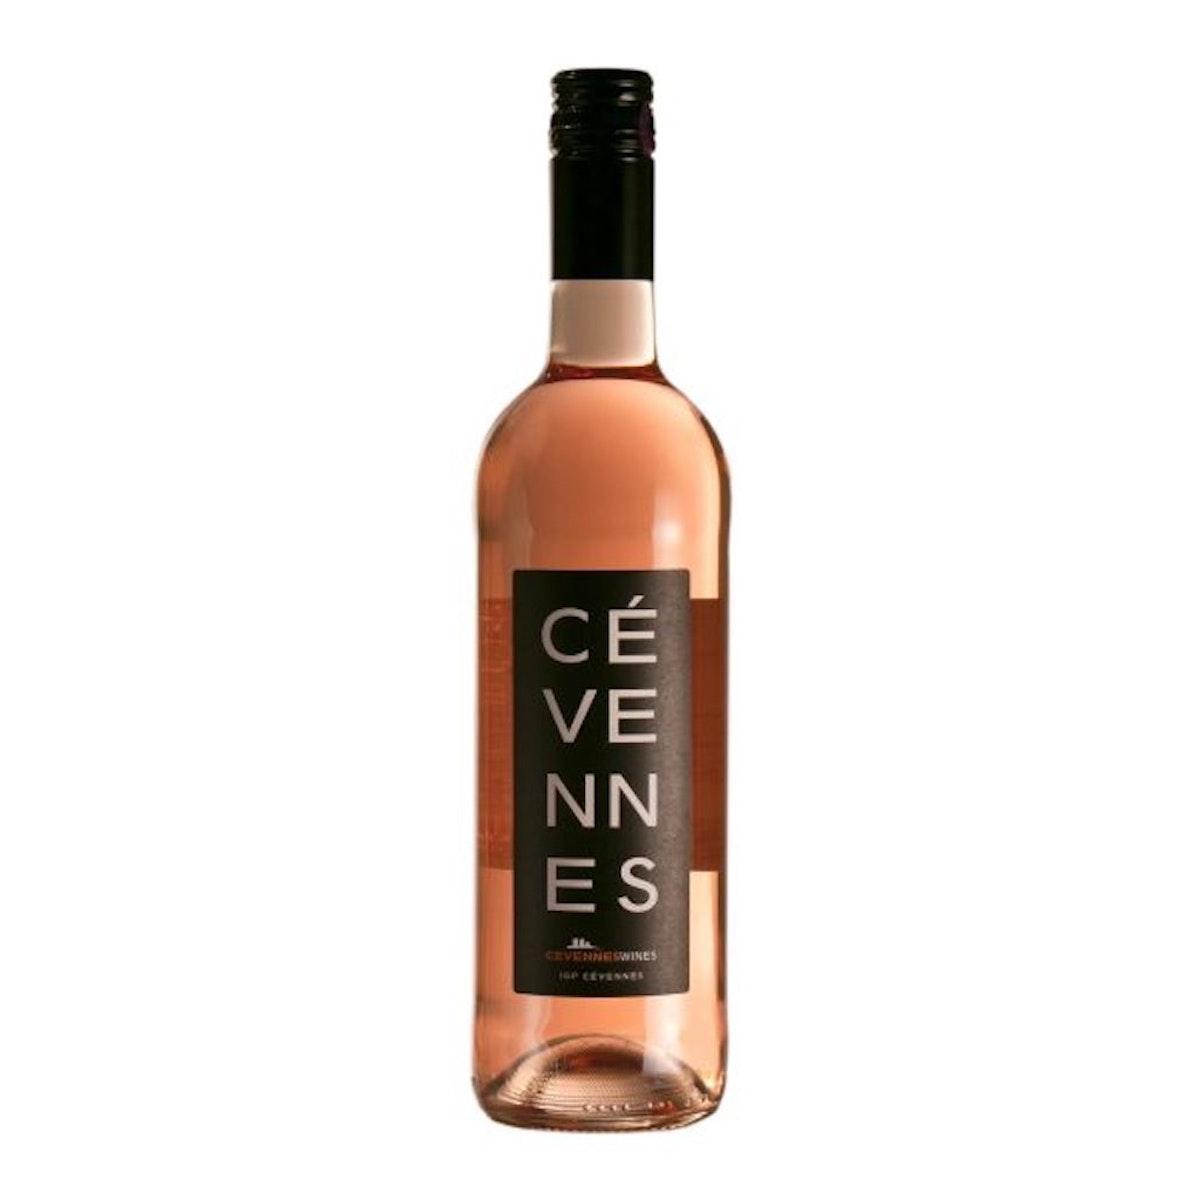 Cevennes Grenache Rosé, 2019